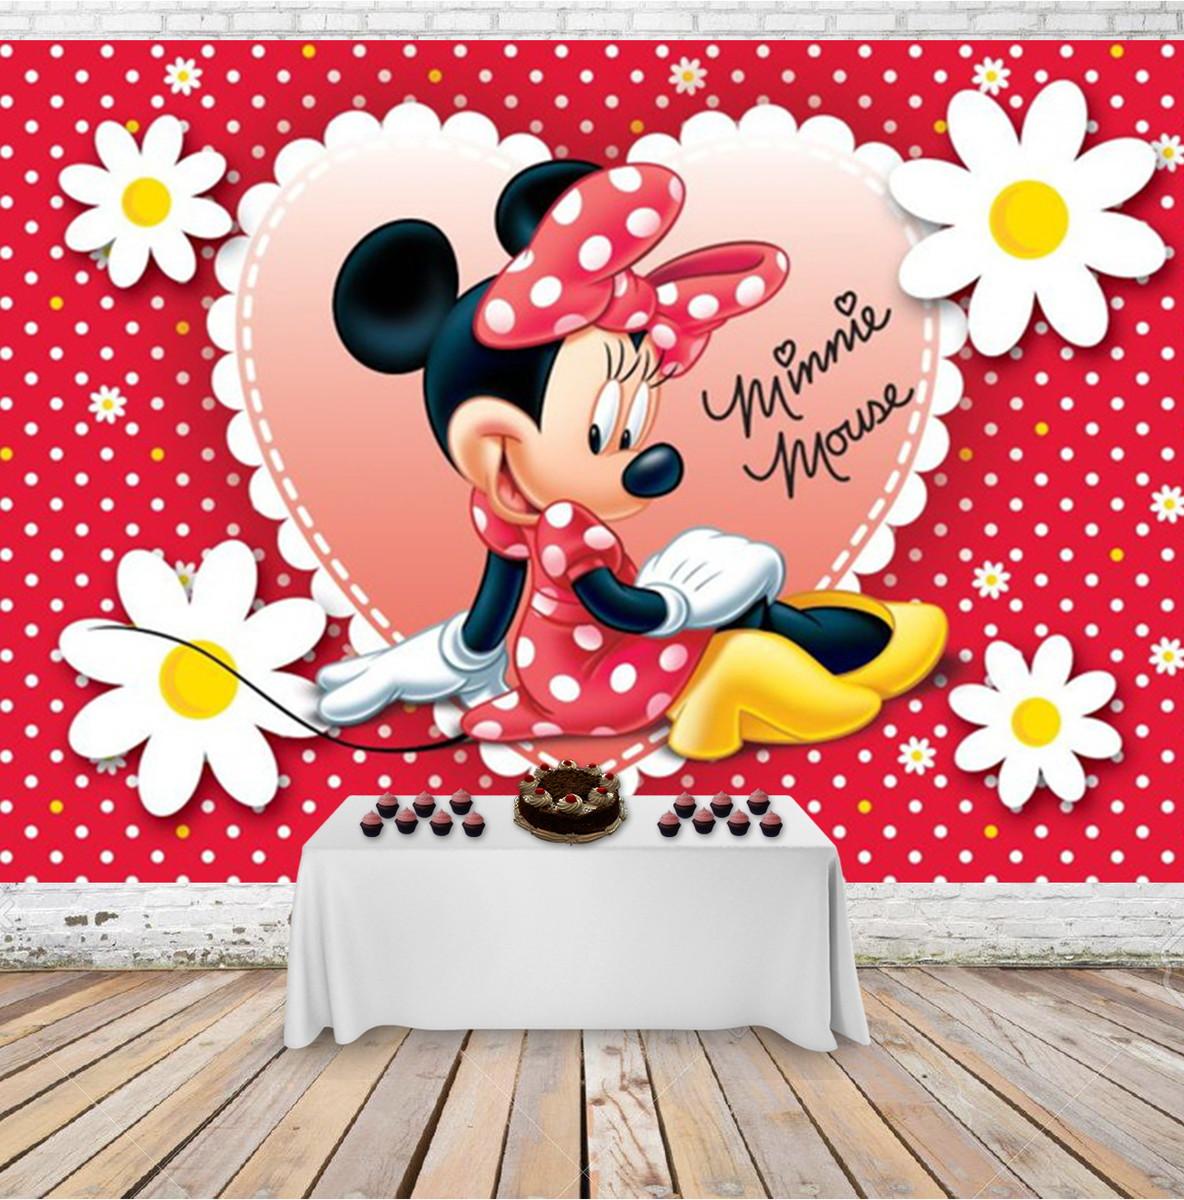 Painel Desenho 3d Infantil Festa Minnie Mouse Fofa 3x2m No Elo7